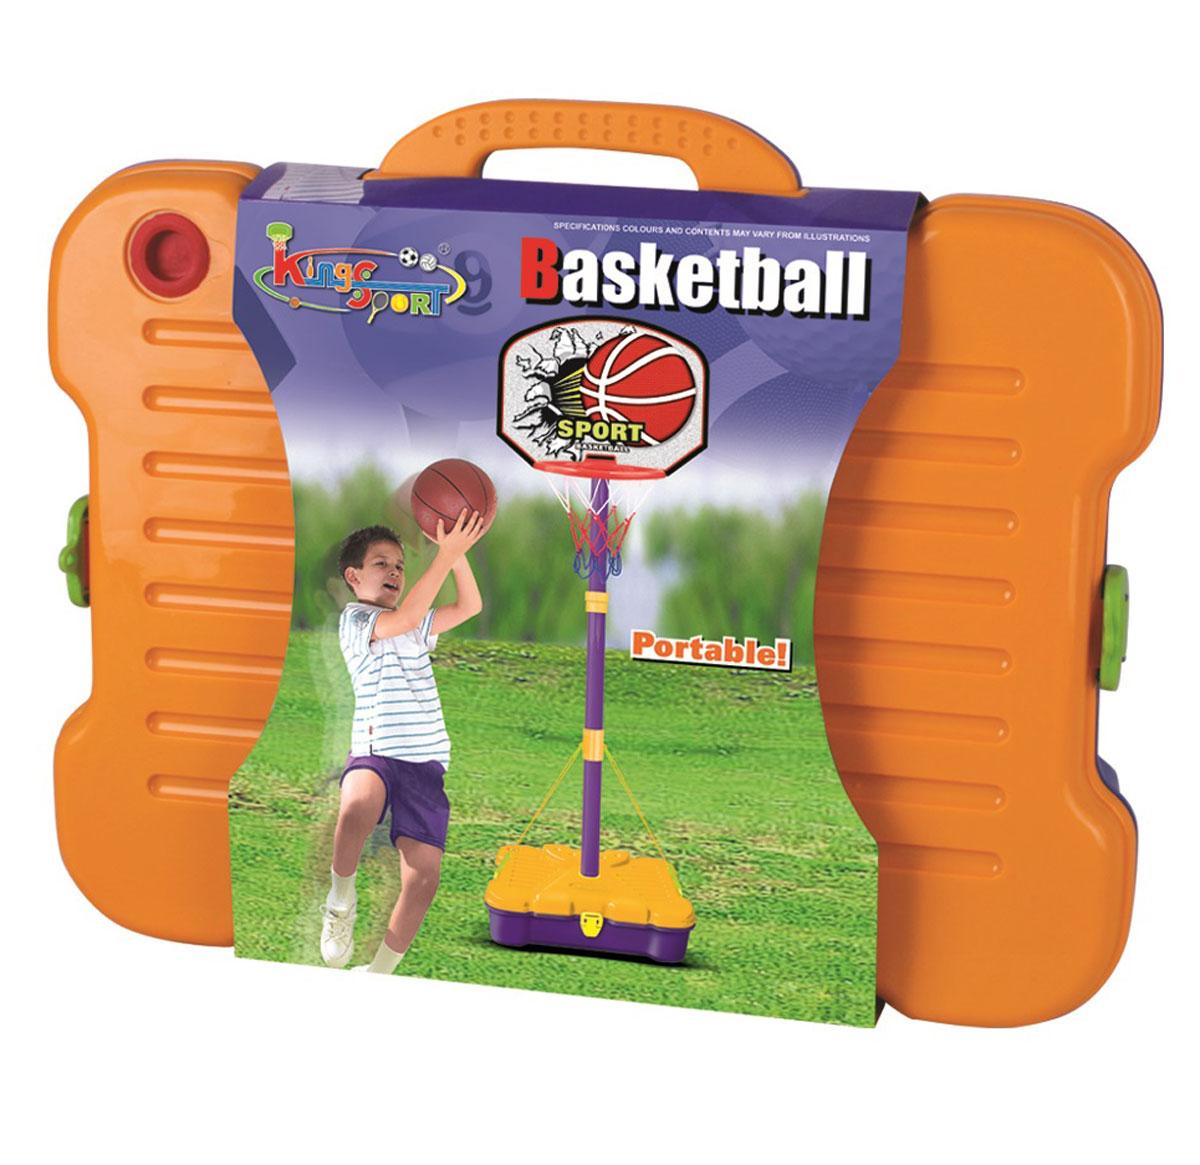 Стойка баскетбольная Torres TX3129728261015Баскетбольная стойка TX31297 - это набор для начинающих маленьких спортсменов. Благодаря стойке ребенок будет развивать координацию движений, ловкость и сноровку. Высота регулируется от 90 см до 162 см. Конструкция стойки выполнена из полипропилена и стали, и она является сборно-разборной.Размер щита: 42,5 х 31 см.Мяч: диаметр - 15 см.Вес: 1,68 кг.